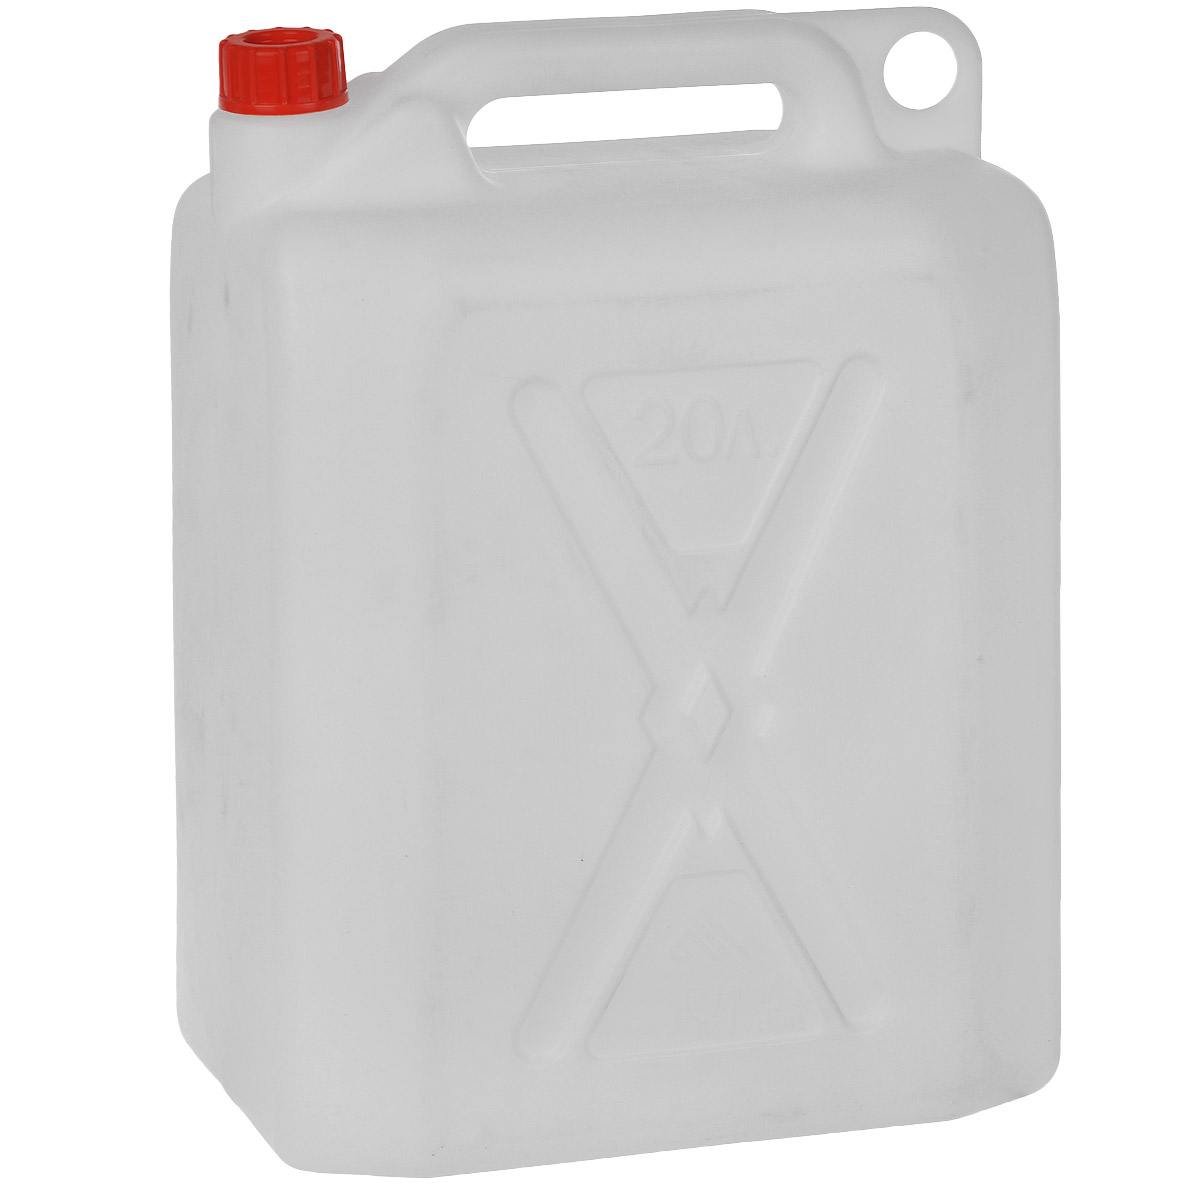 Канистра Альтернатива, 20 лМ633Канистра Альтернатива на 20 литров, изготовленная из прочного пластика, несомненно, пригодится вам во время путешествия. Предназначена для переноски и хранения различных жидкостей.